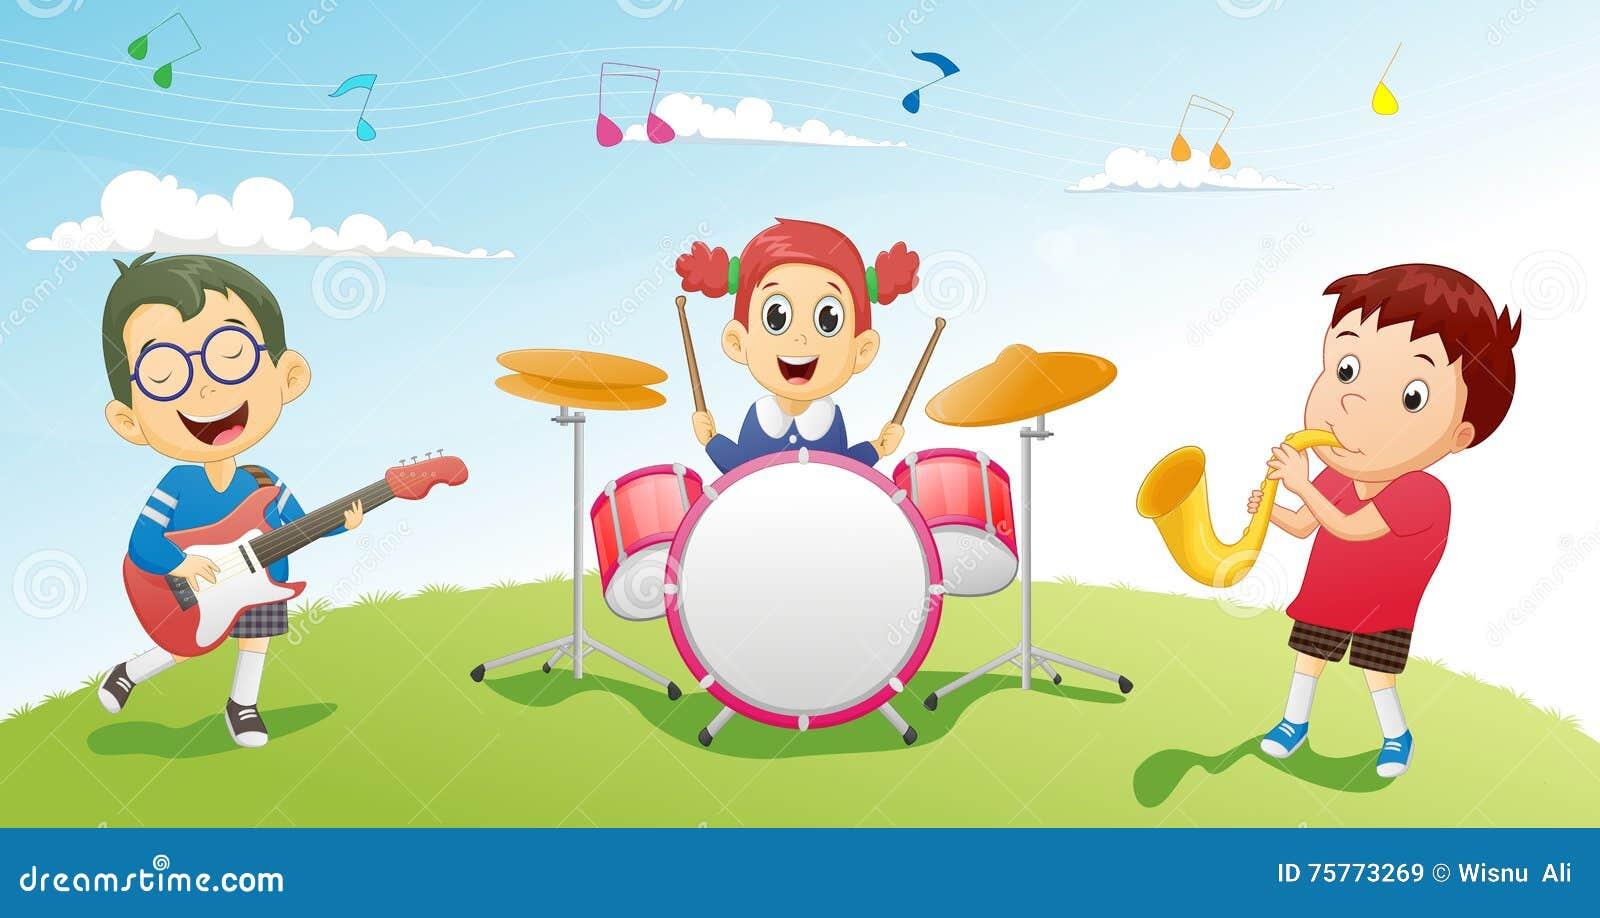 Απεικόνιση των παιδιών που παίζουν το όργανο μουσικής